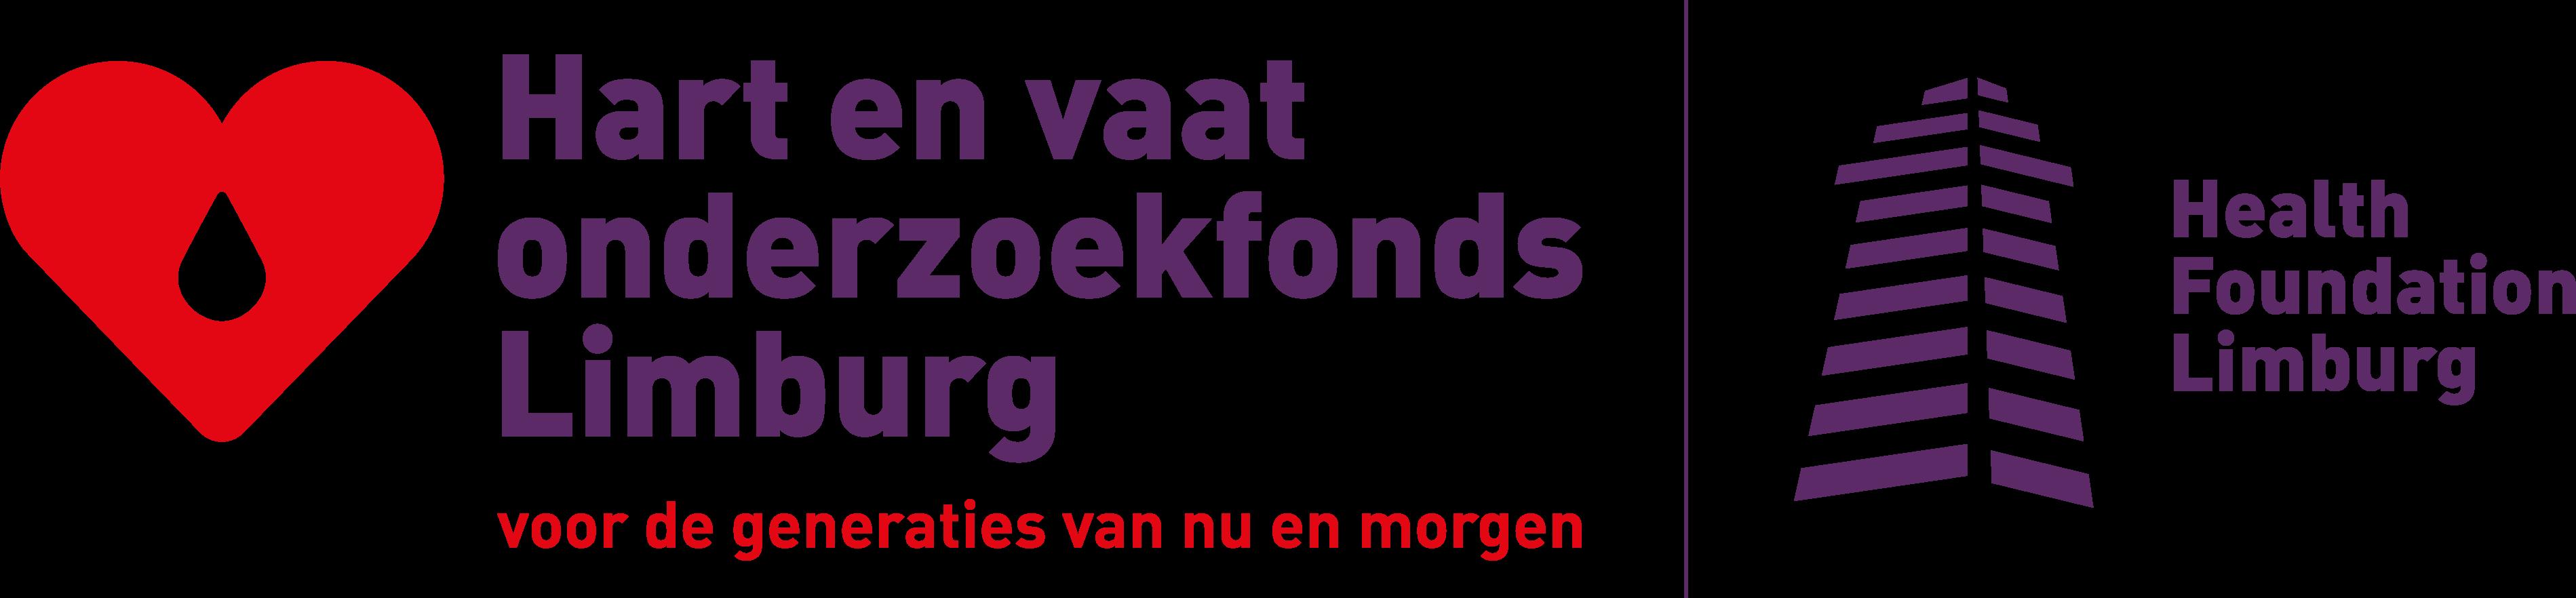 Hart en vaat onderzoekfonds Limburg